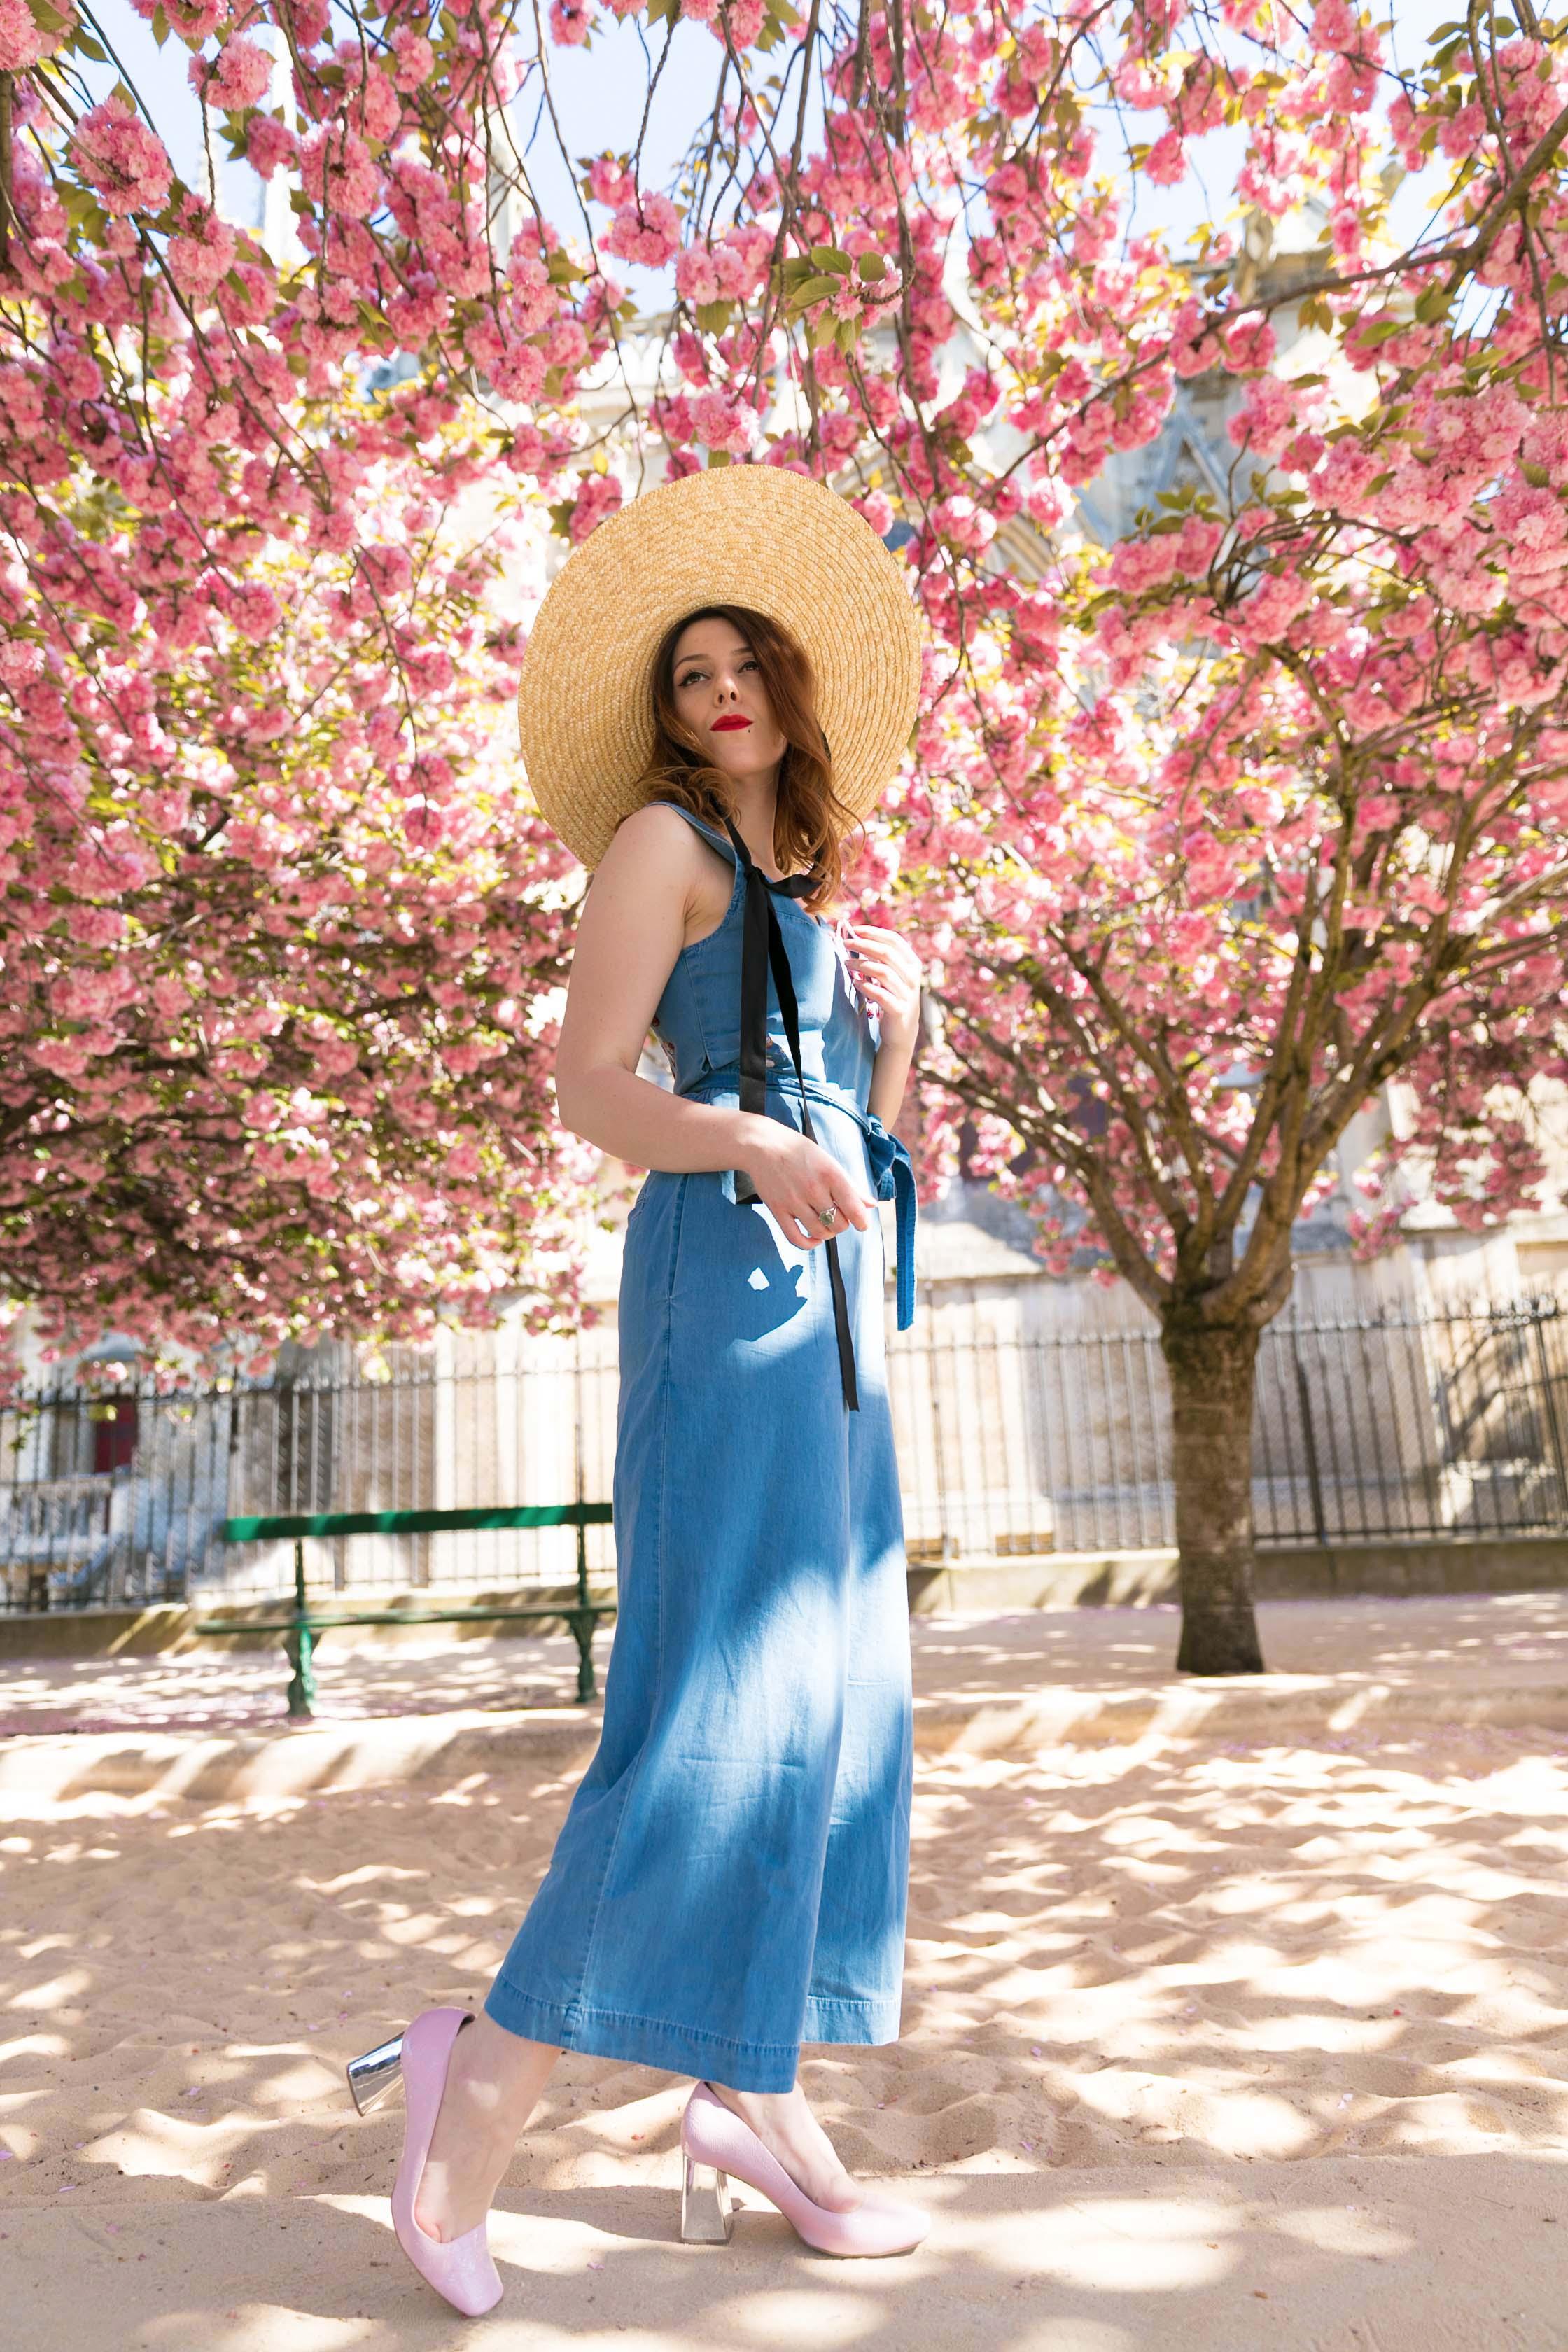 Combinaison denim brodée fleurs notre dame trench vintage framboise pin up retro